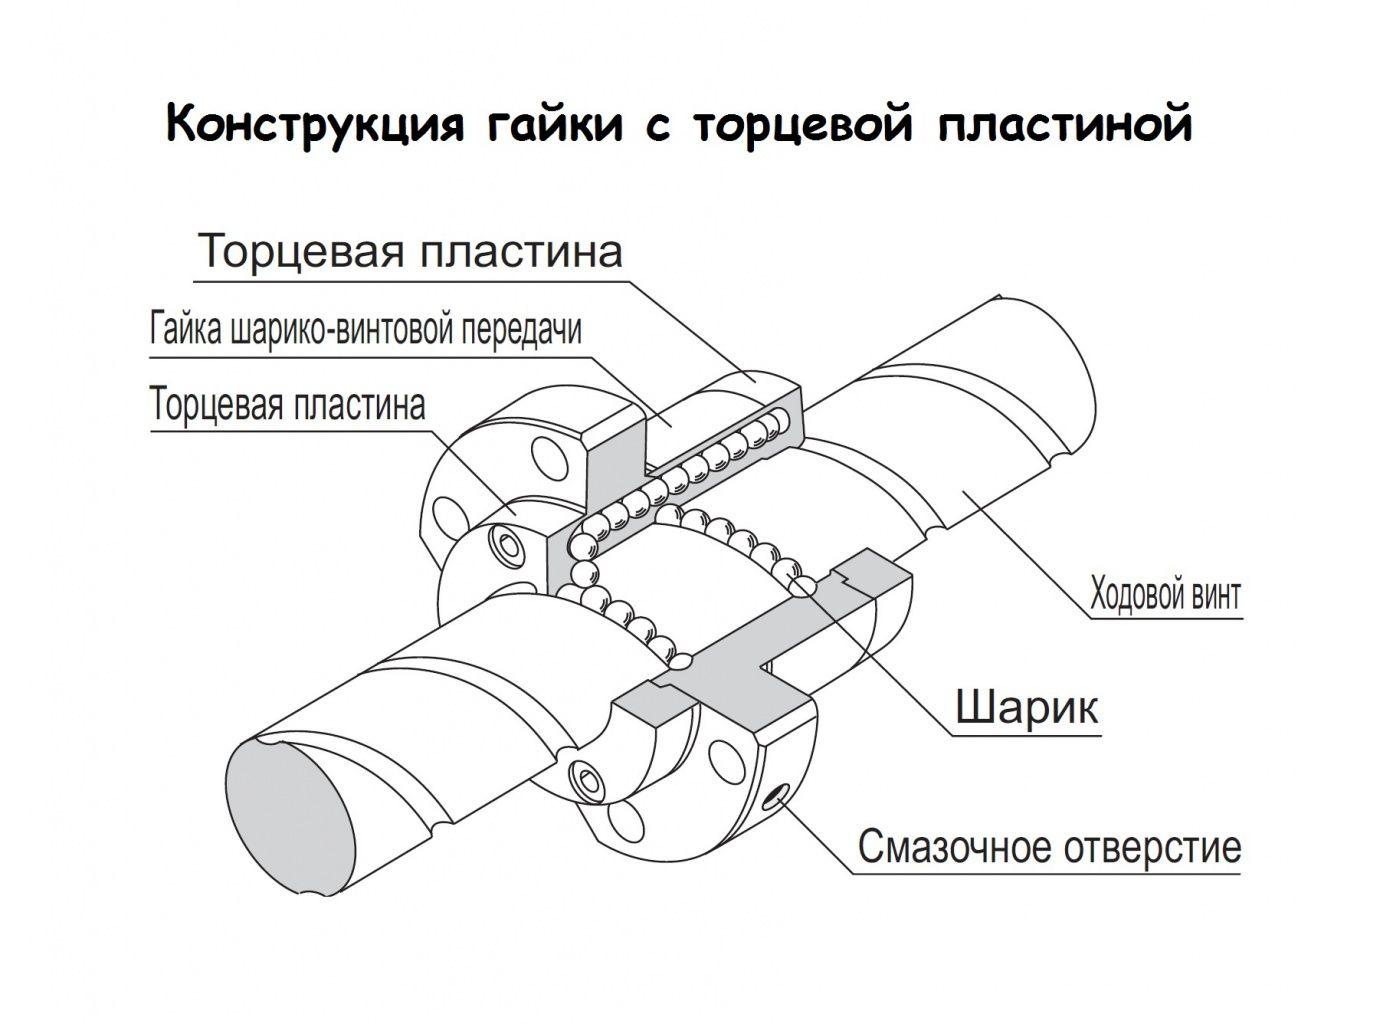 Шарико-винтовая передача (ШВП): описание, примеры, обзоры, характеристики